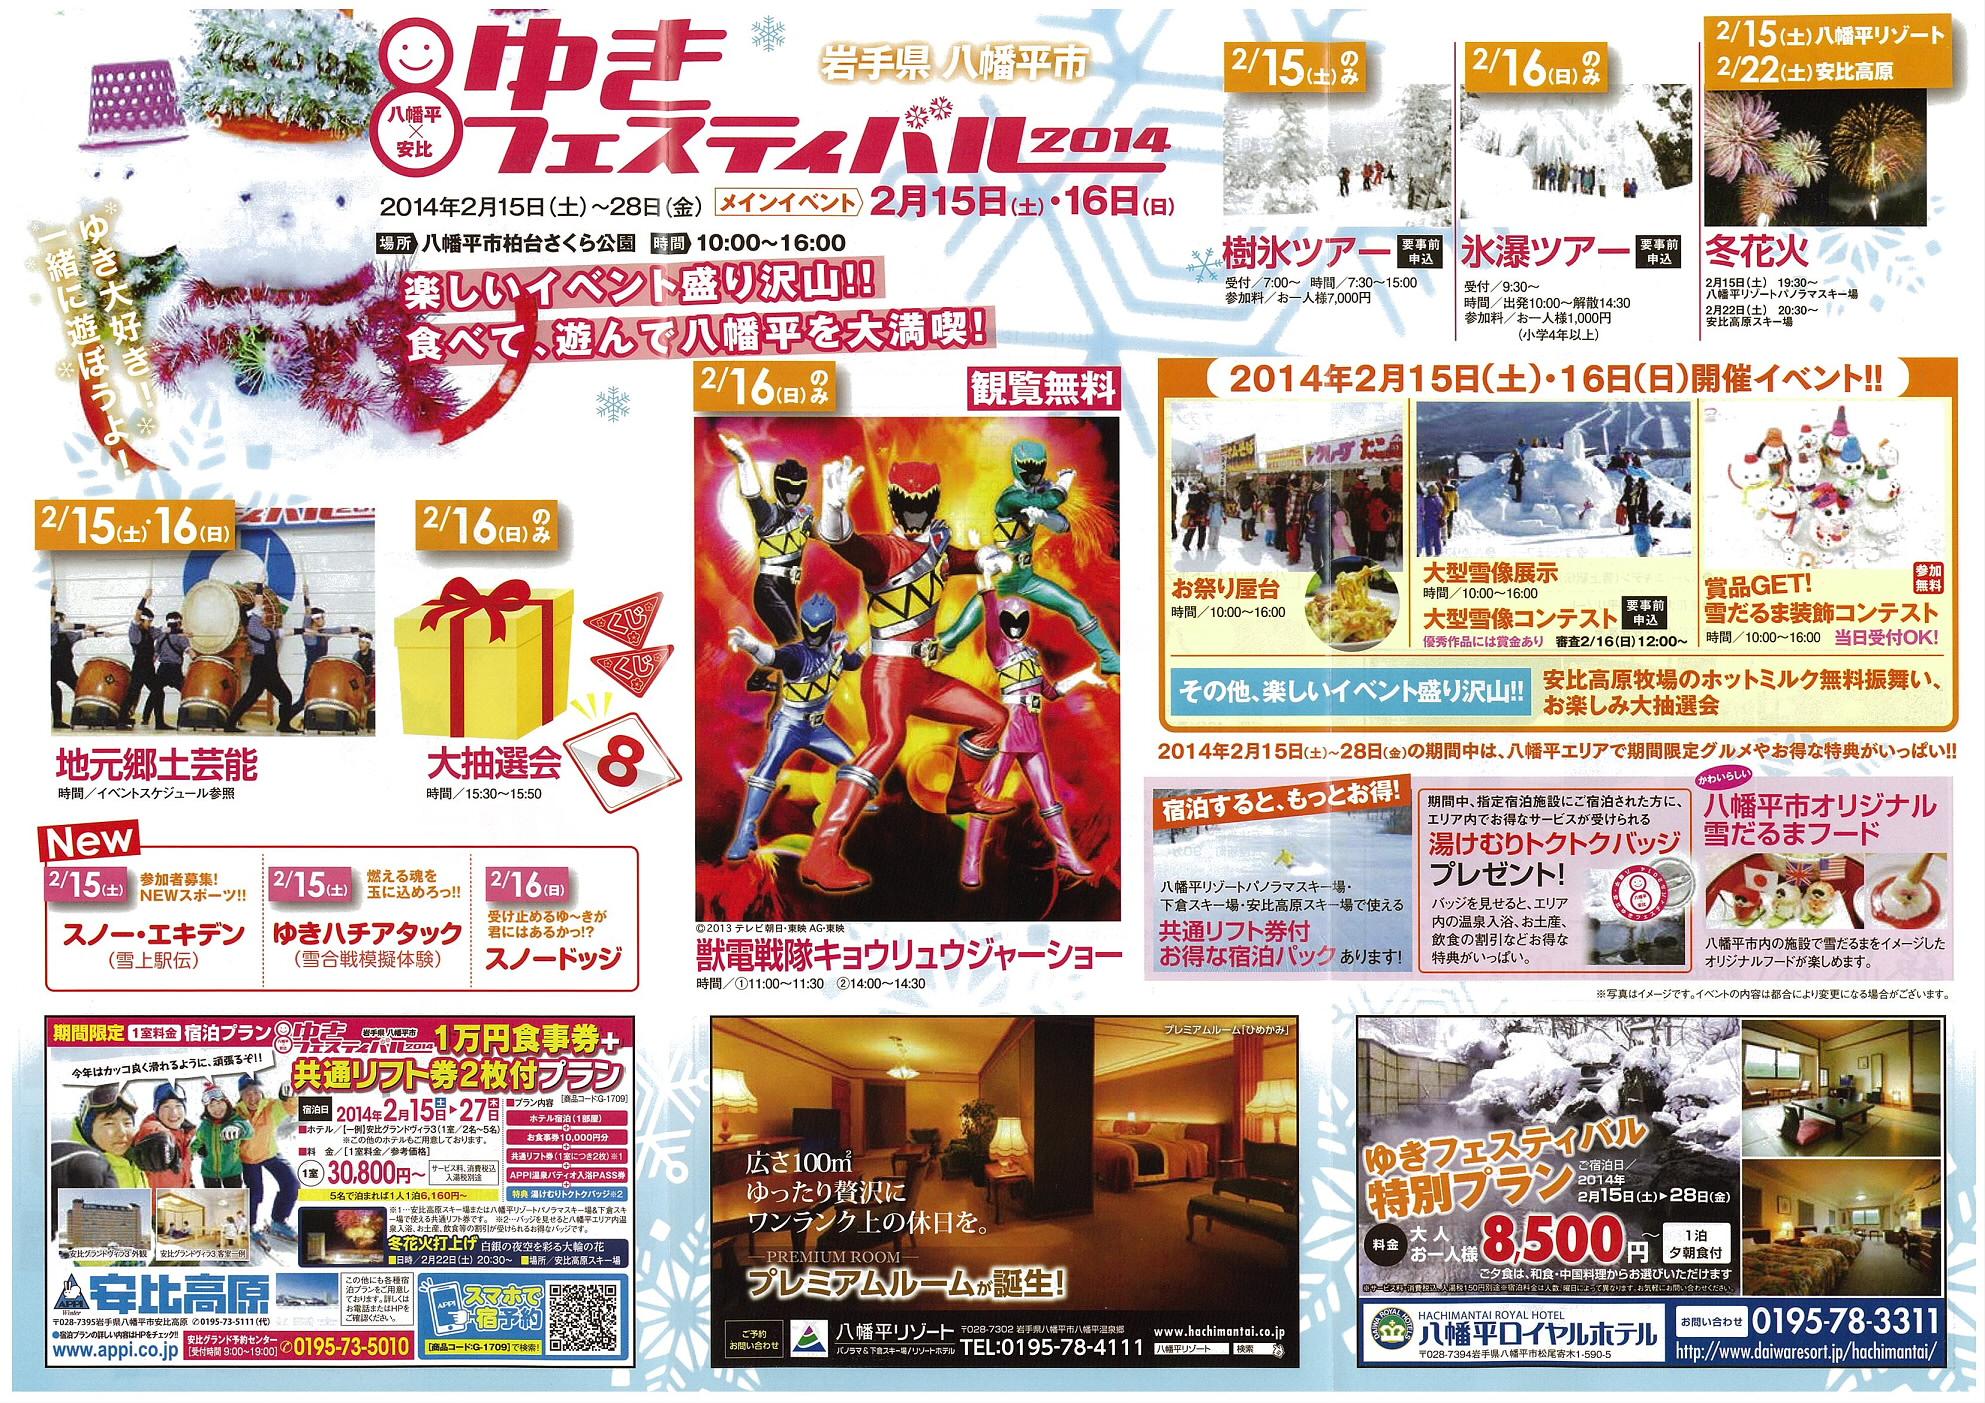 八幡平・安比ゆきフェスティバル2014_02